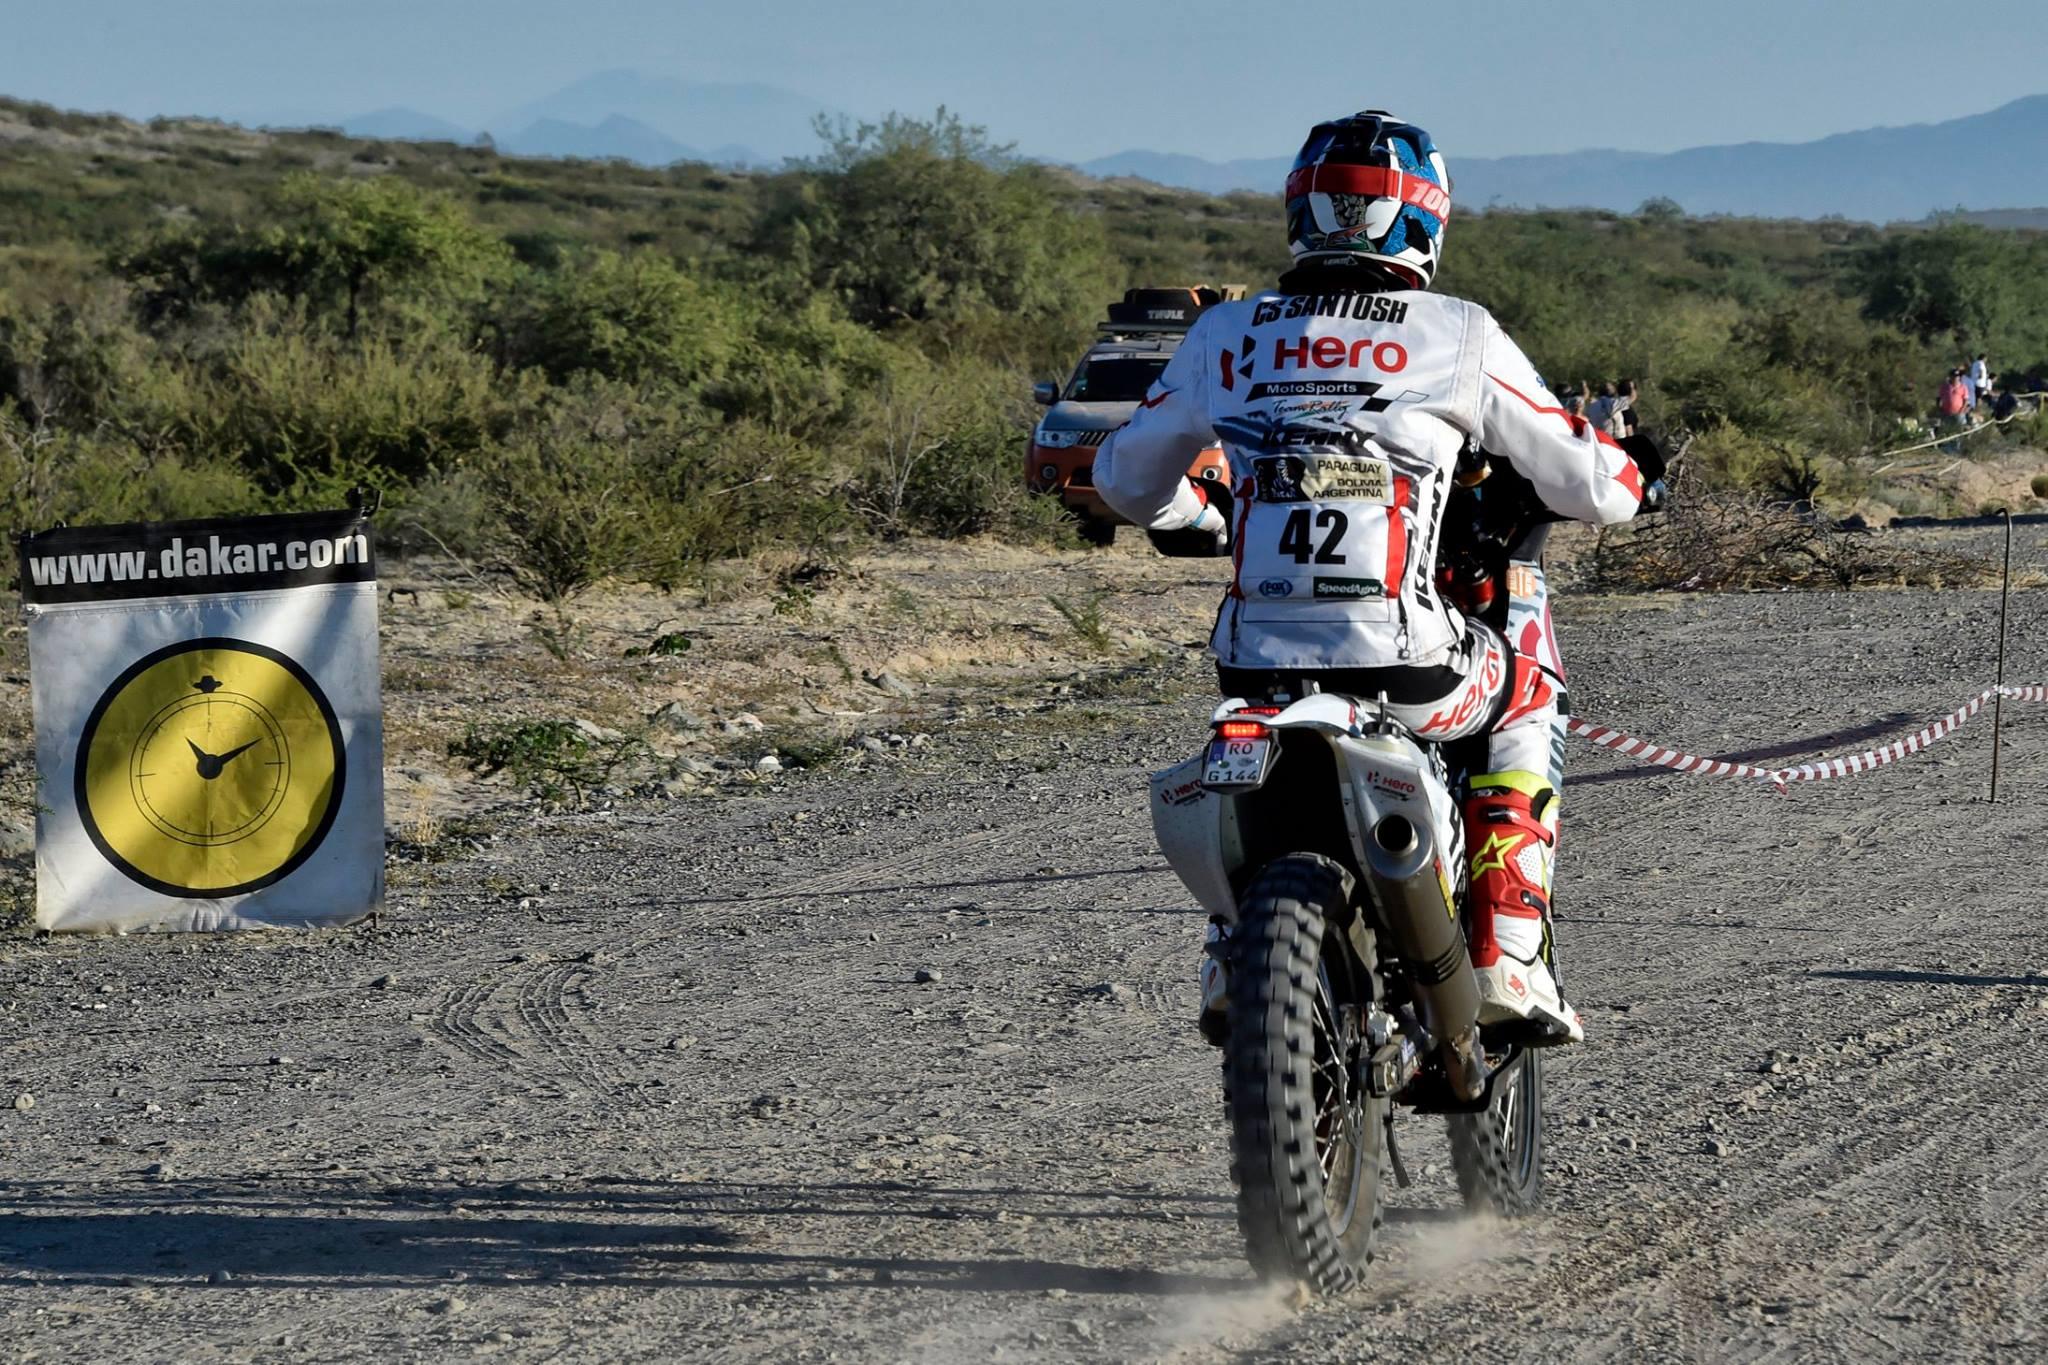 Dakar 2017 (35).jpg